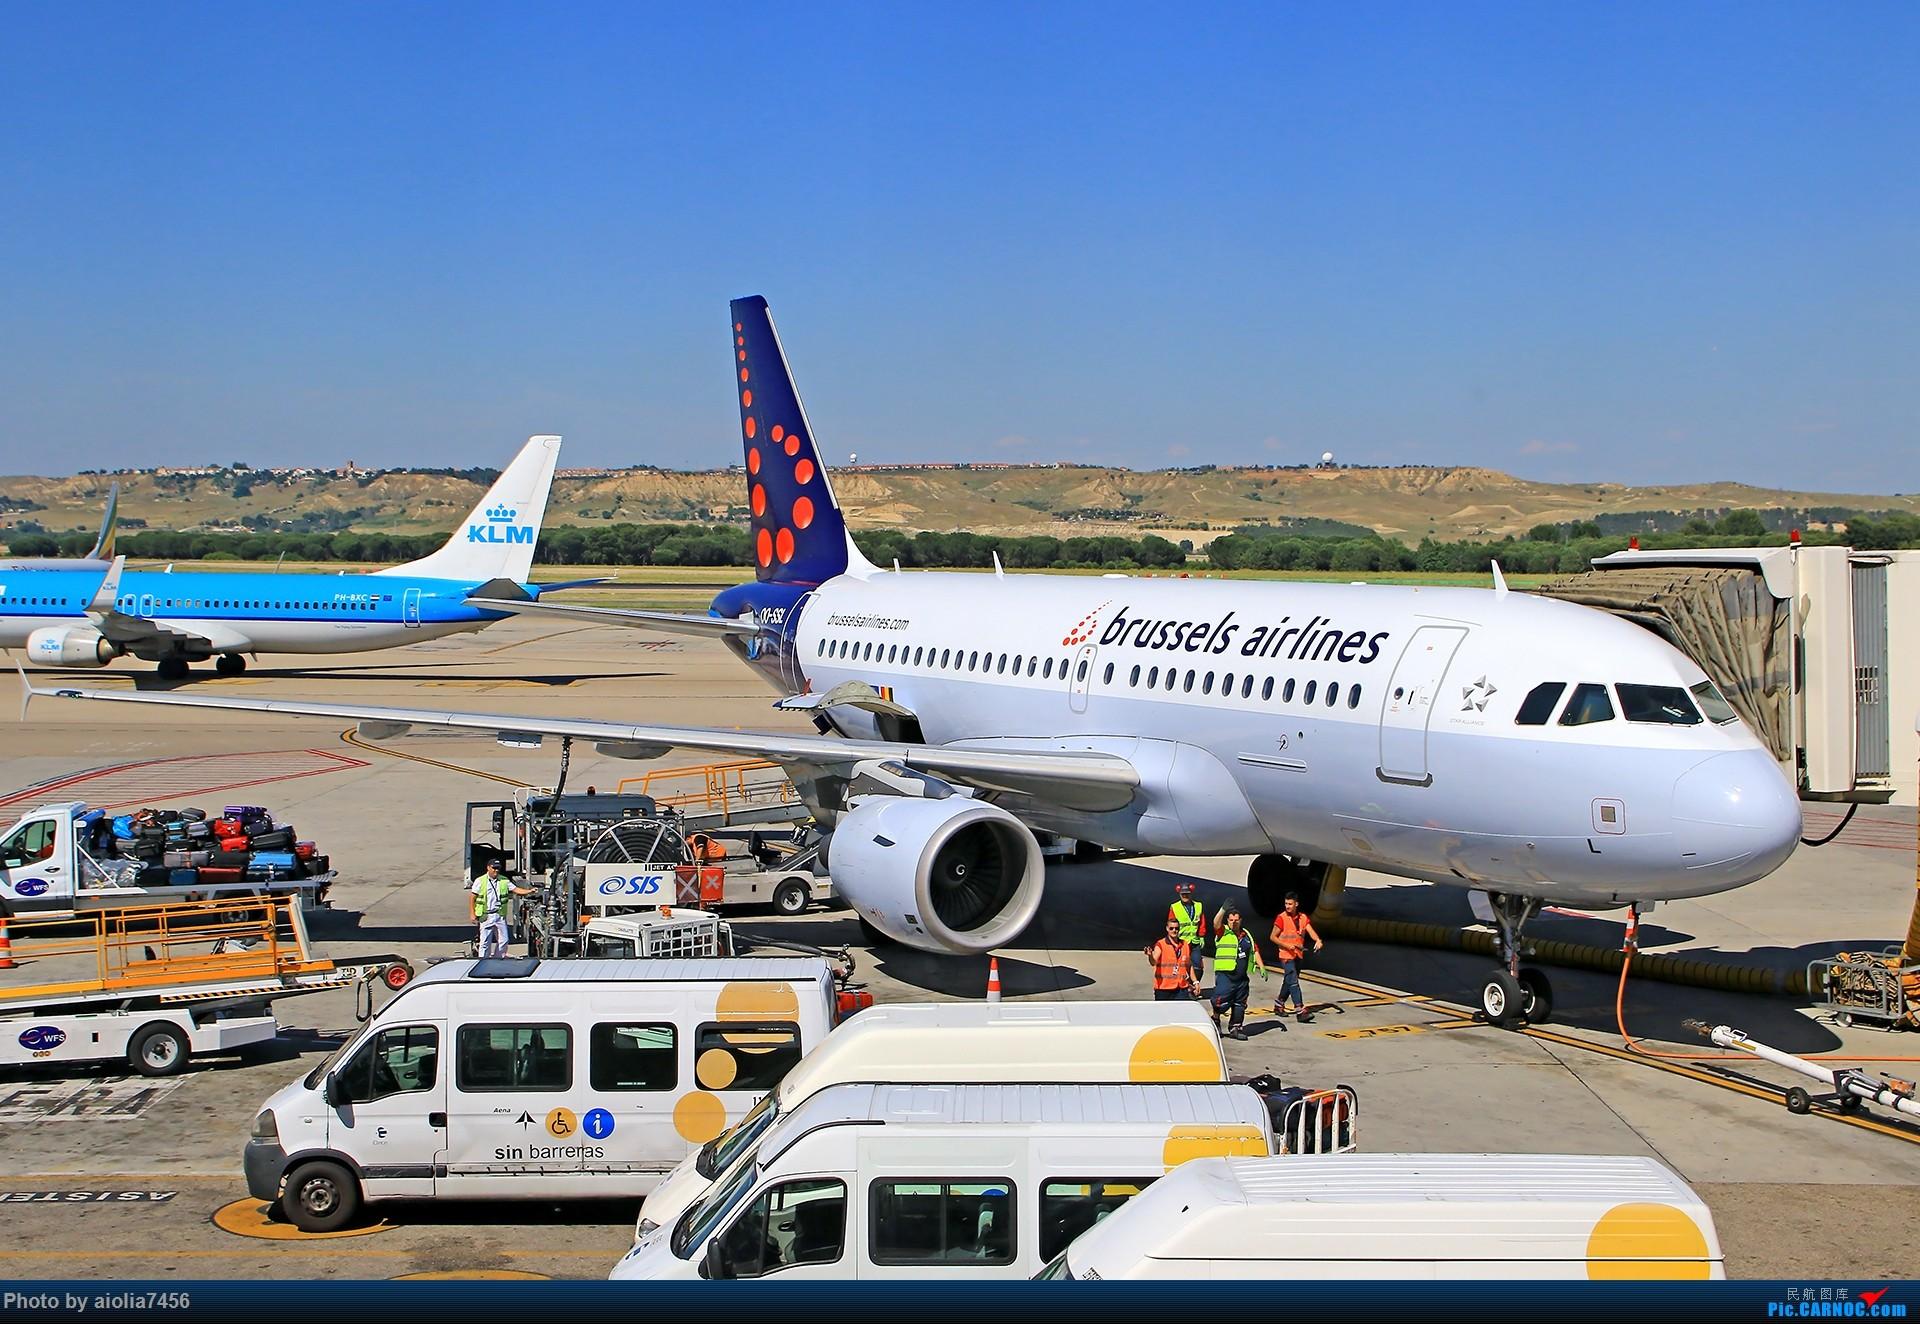 Re:[原创]【合肥飞友会】西行归来第二弹--西行拍机 AIRBUS A319 OO-SSL 西班牙马德里机场